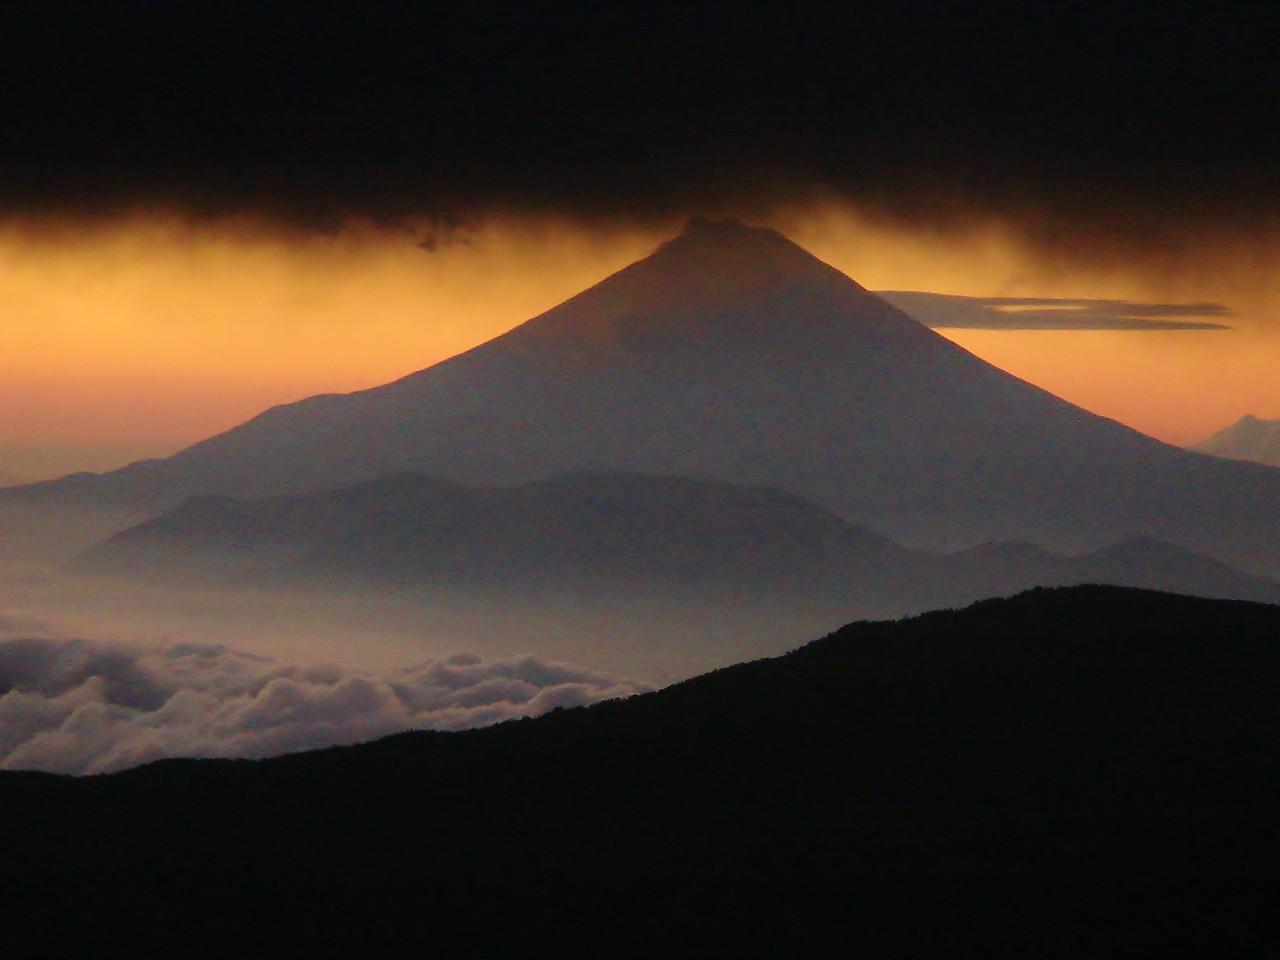 MOUNT FUJI FROM ARAKAWAGOYA